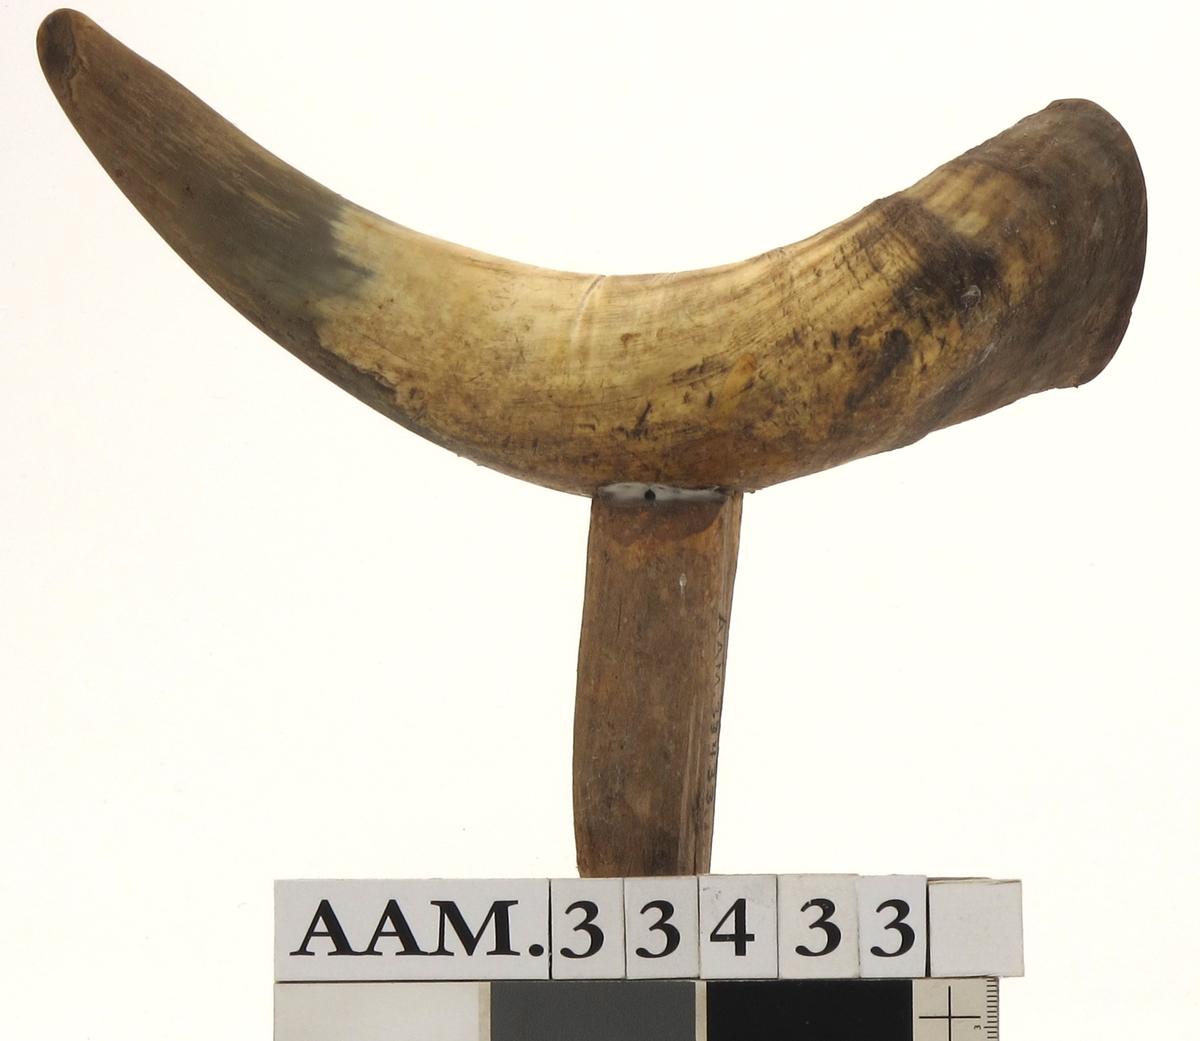 Horn tettet med kork i åpen ende, innfelt pinne for feste i båtripa.